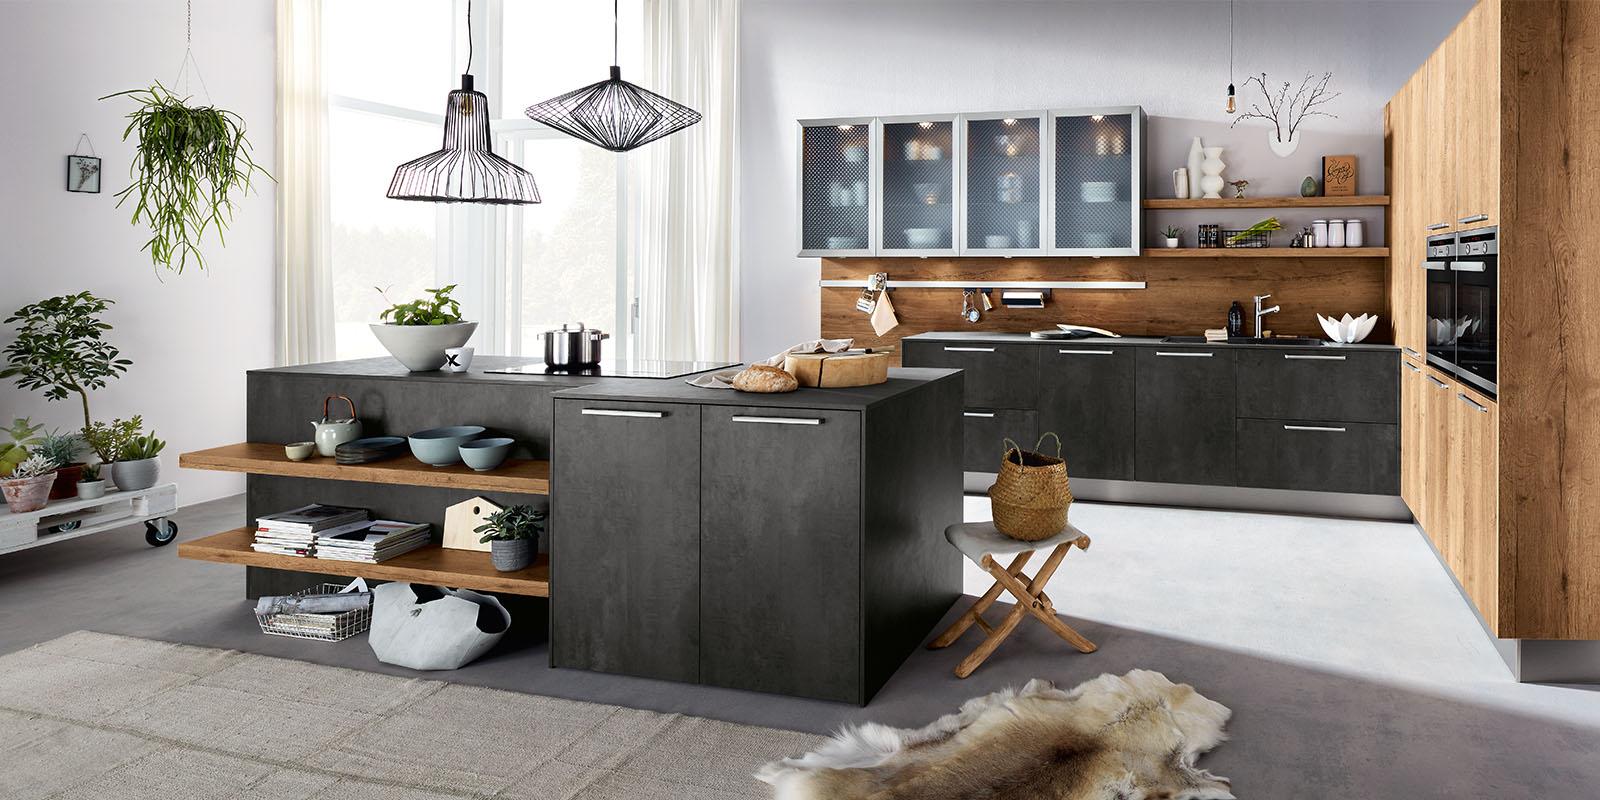 k chen vom profi k chenplaner handl wohnen n. Black Bedroom Furniture Sets. Home Design Ideas